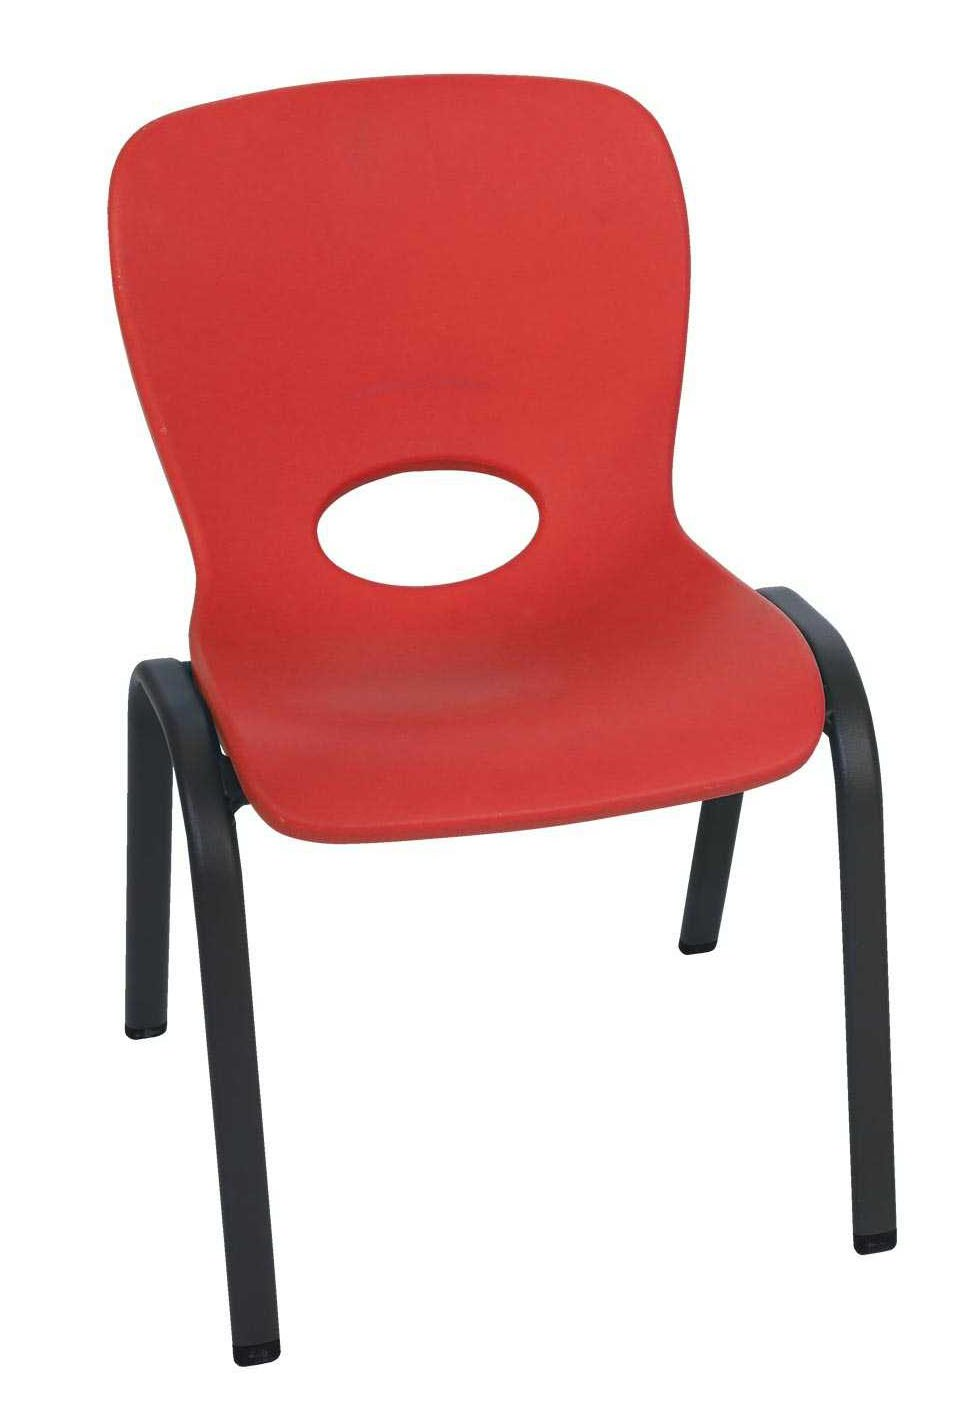 Lifetime - Silla Infantil Apilable, Rojo, LFT Kid Chair: Amazon.es ...